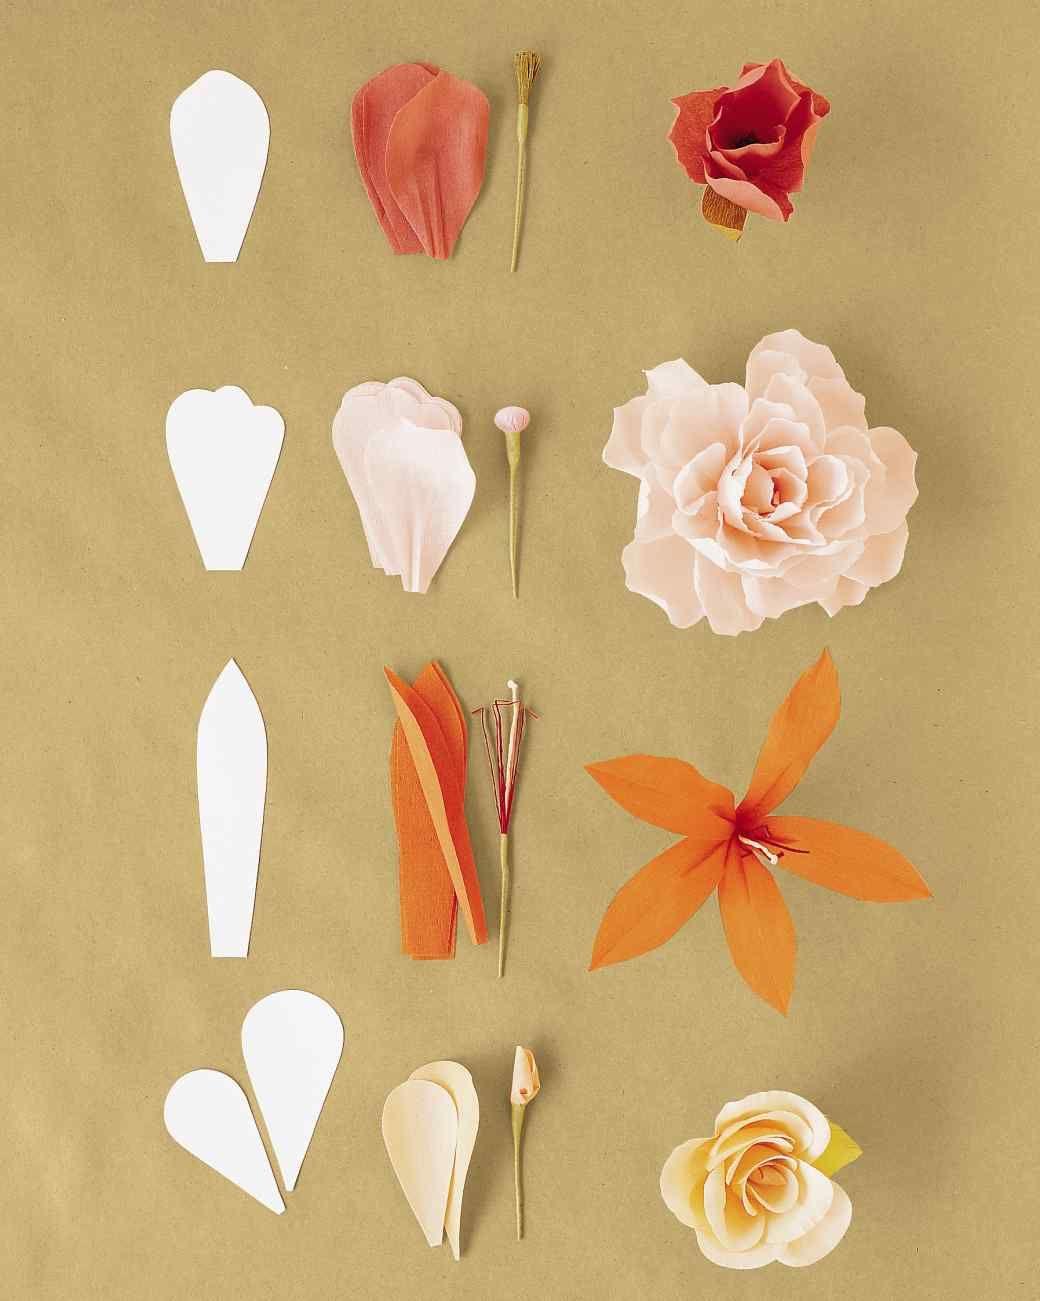 Fleur En Papier Crepon Facile A Faire se rapportant à offrir des fleurs papier crépon: idées pour la fête des mères